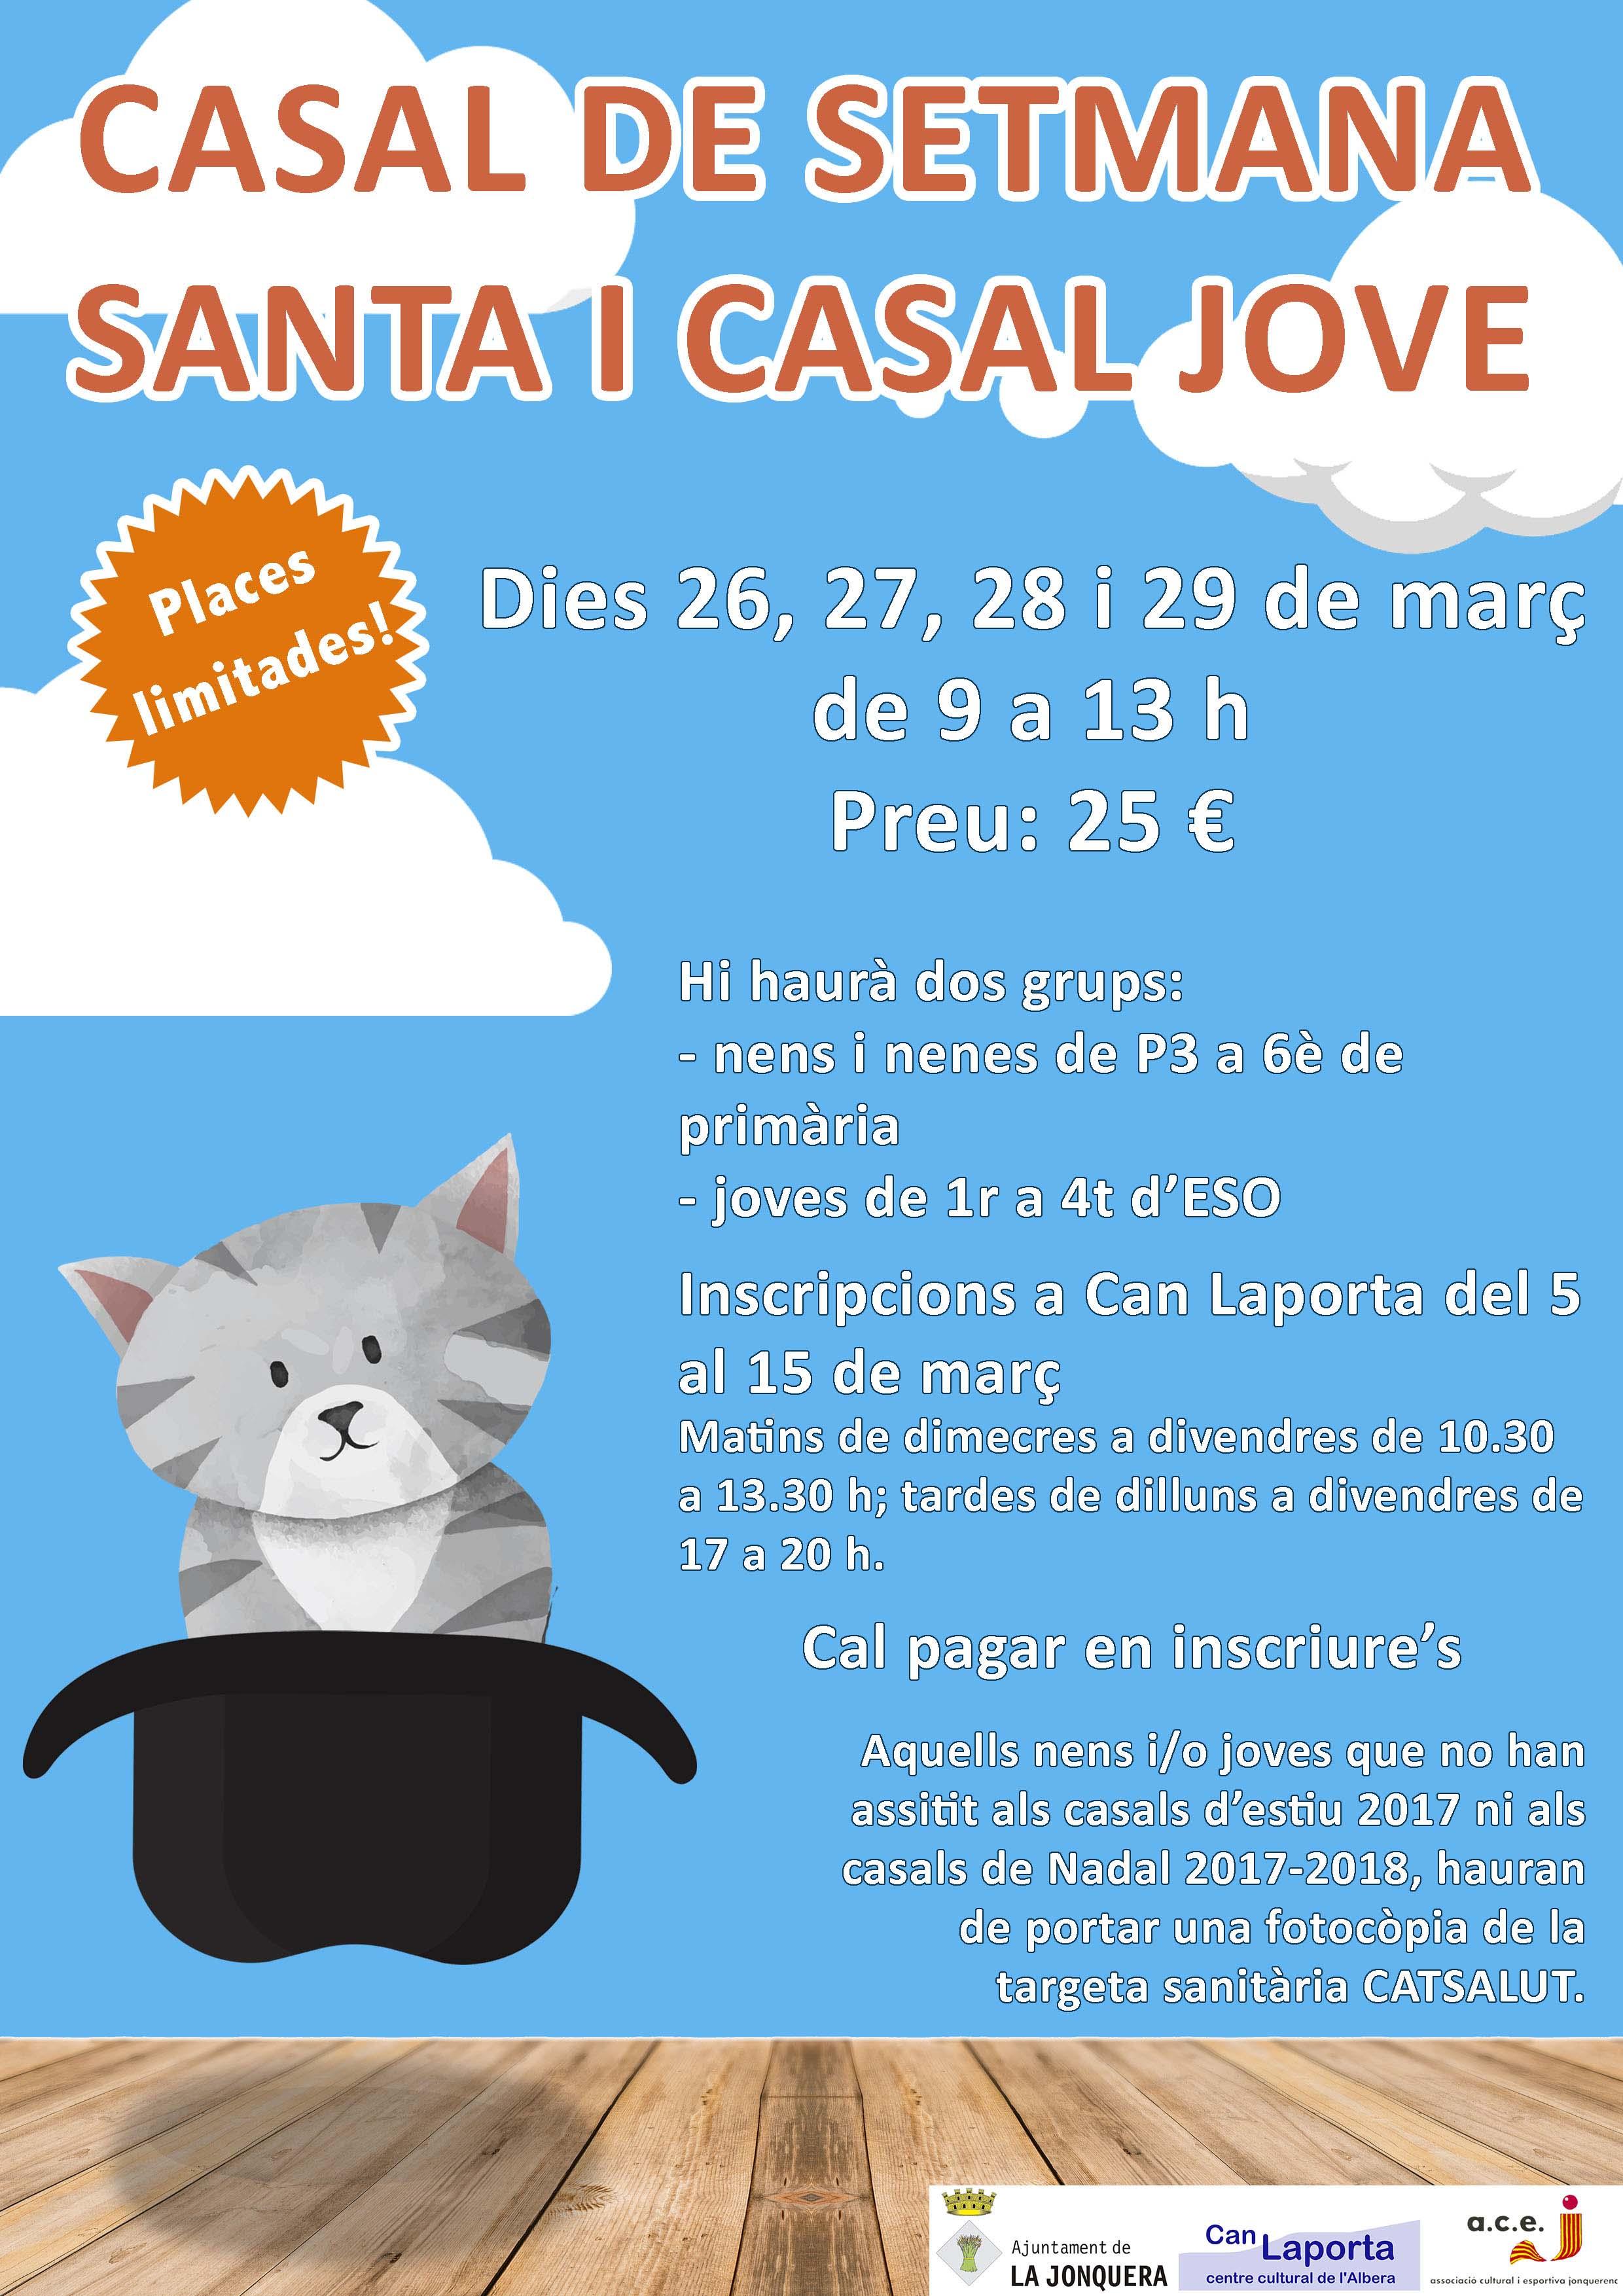 Casal de Setmana Santa i Casal Jove a La Jonquera